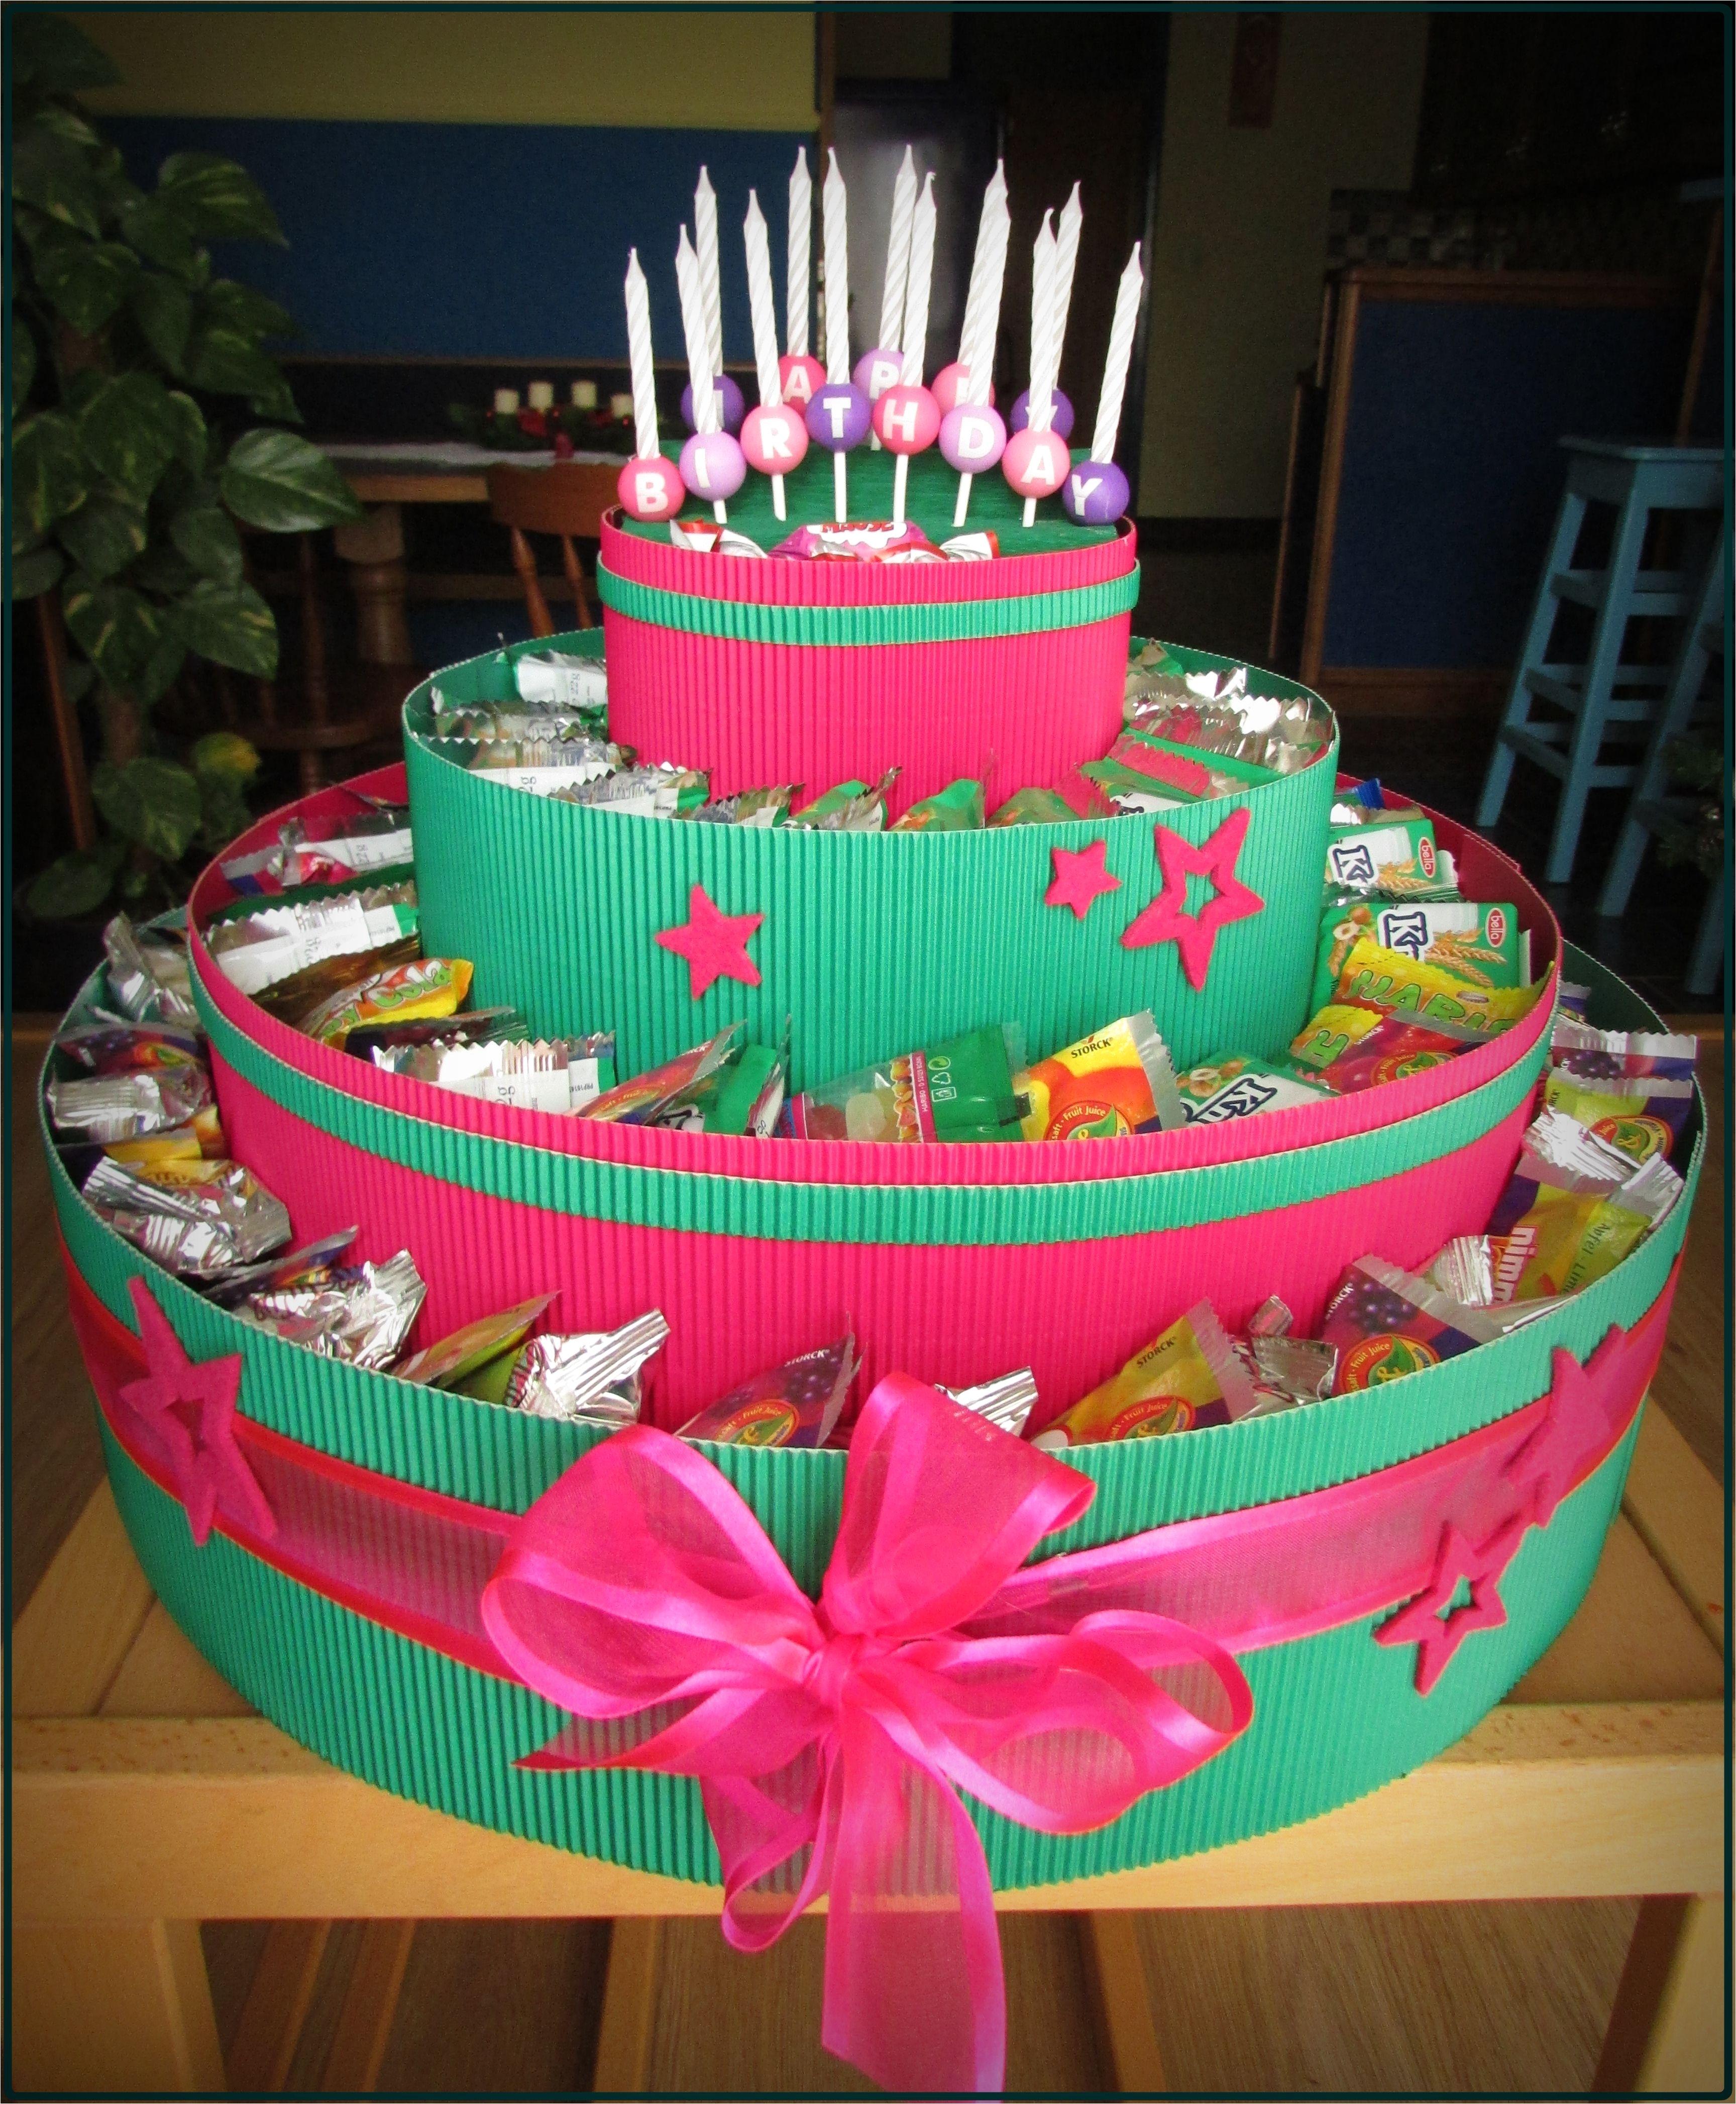 Private Cake Decorating Classes Near Me Paper Cake torta Od Kartona Bijela U Boji Na Jedan Ili Via E